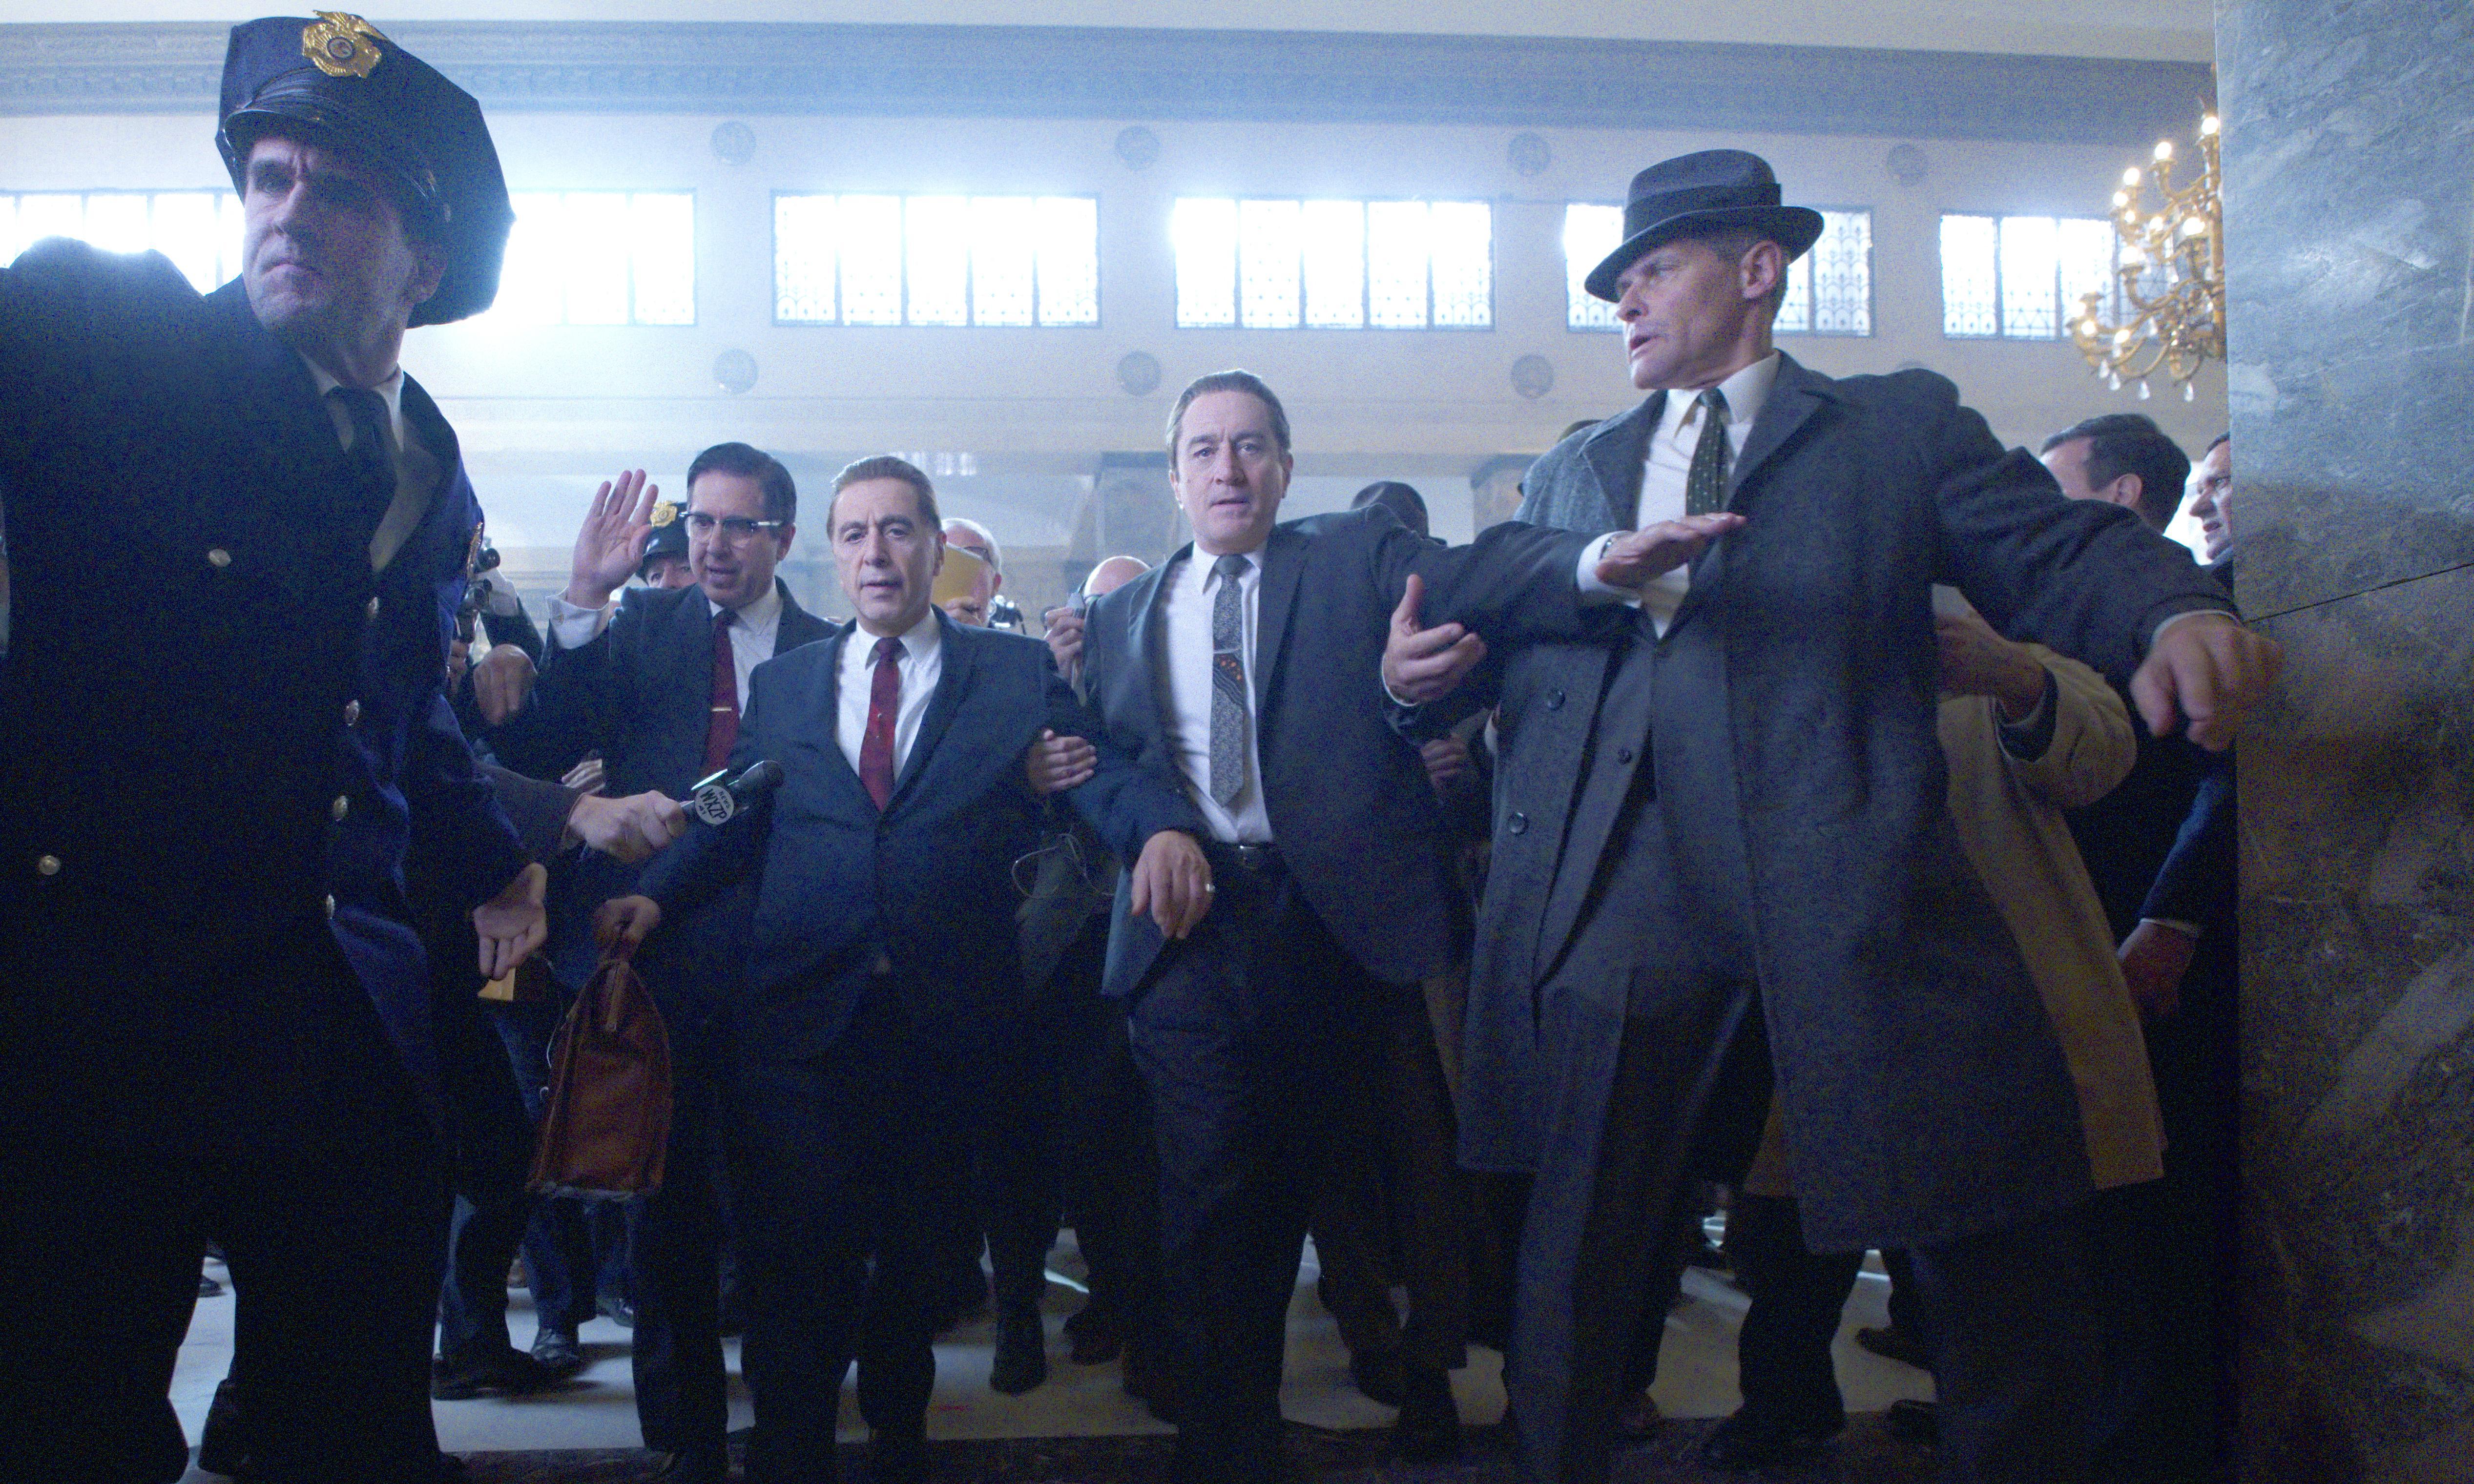 Martin Scorsese's The Irishman to premiere at New York film festival